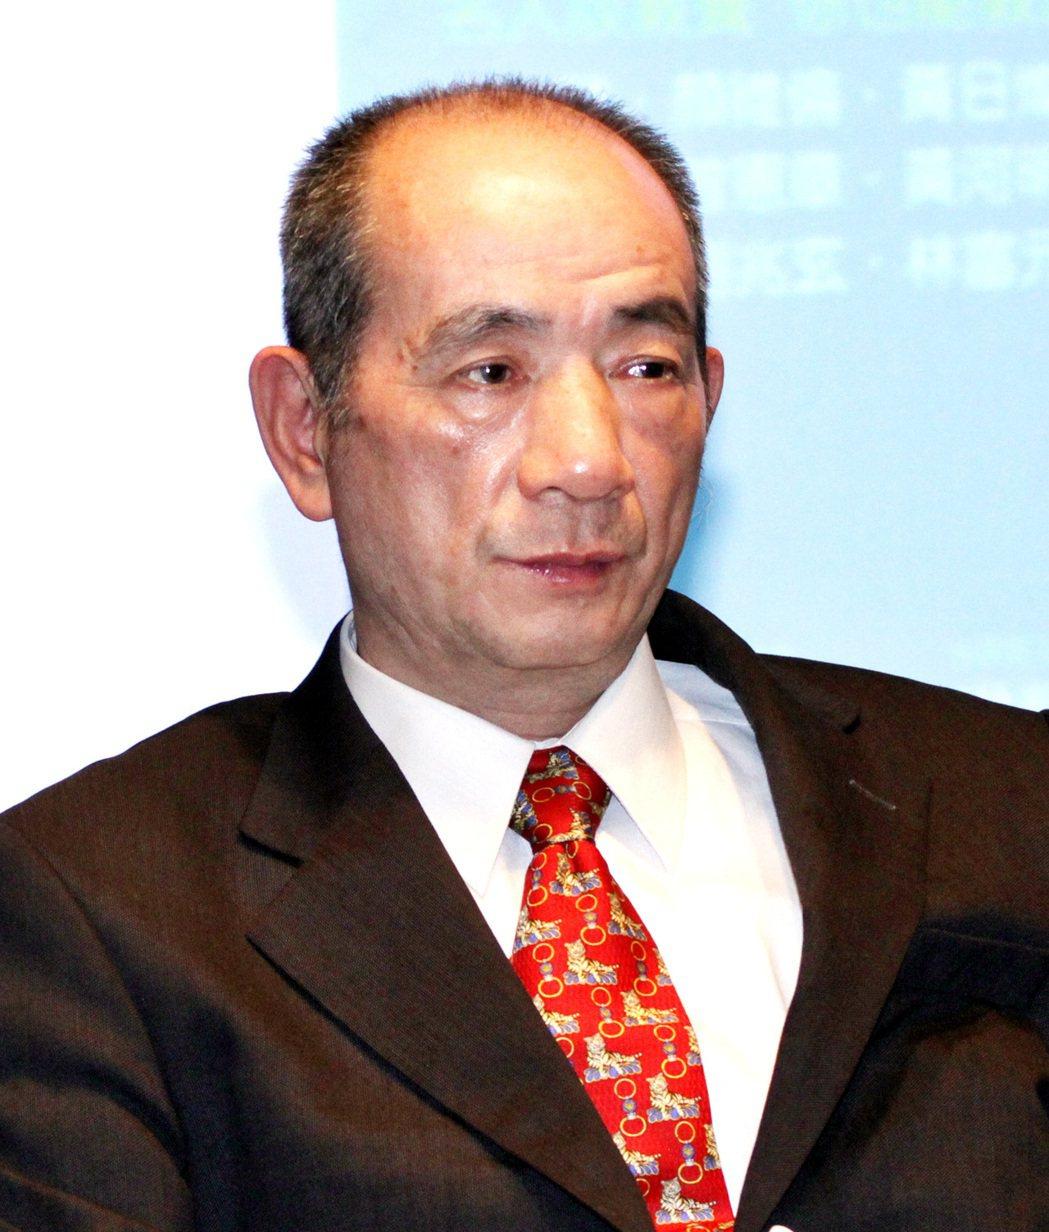 陳維祥接受訪問表示自己確診新冠肺炎但屬於輕症。圖/報系資料照